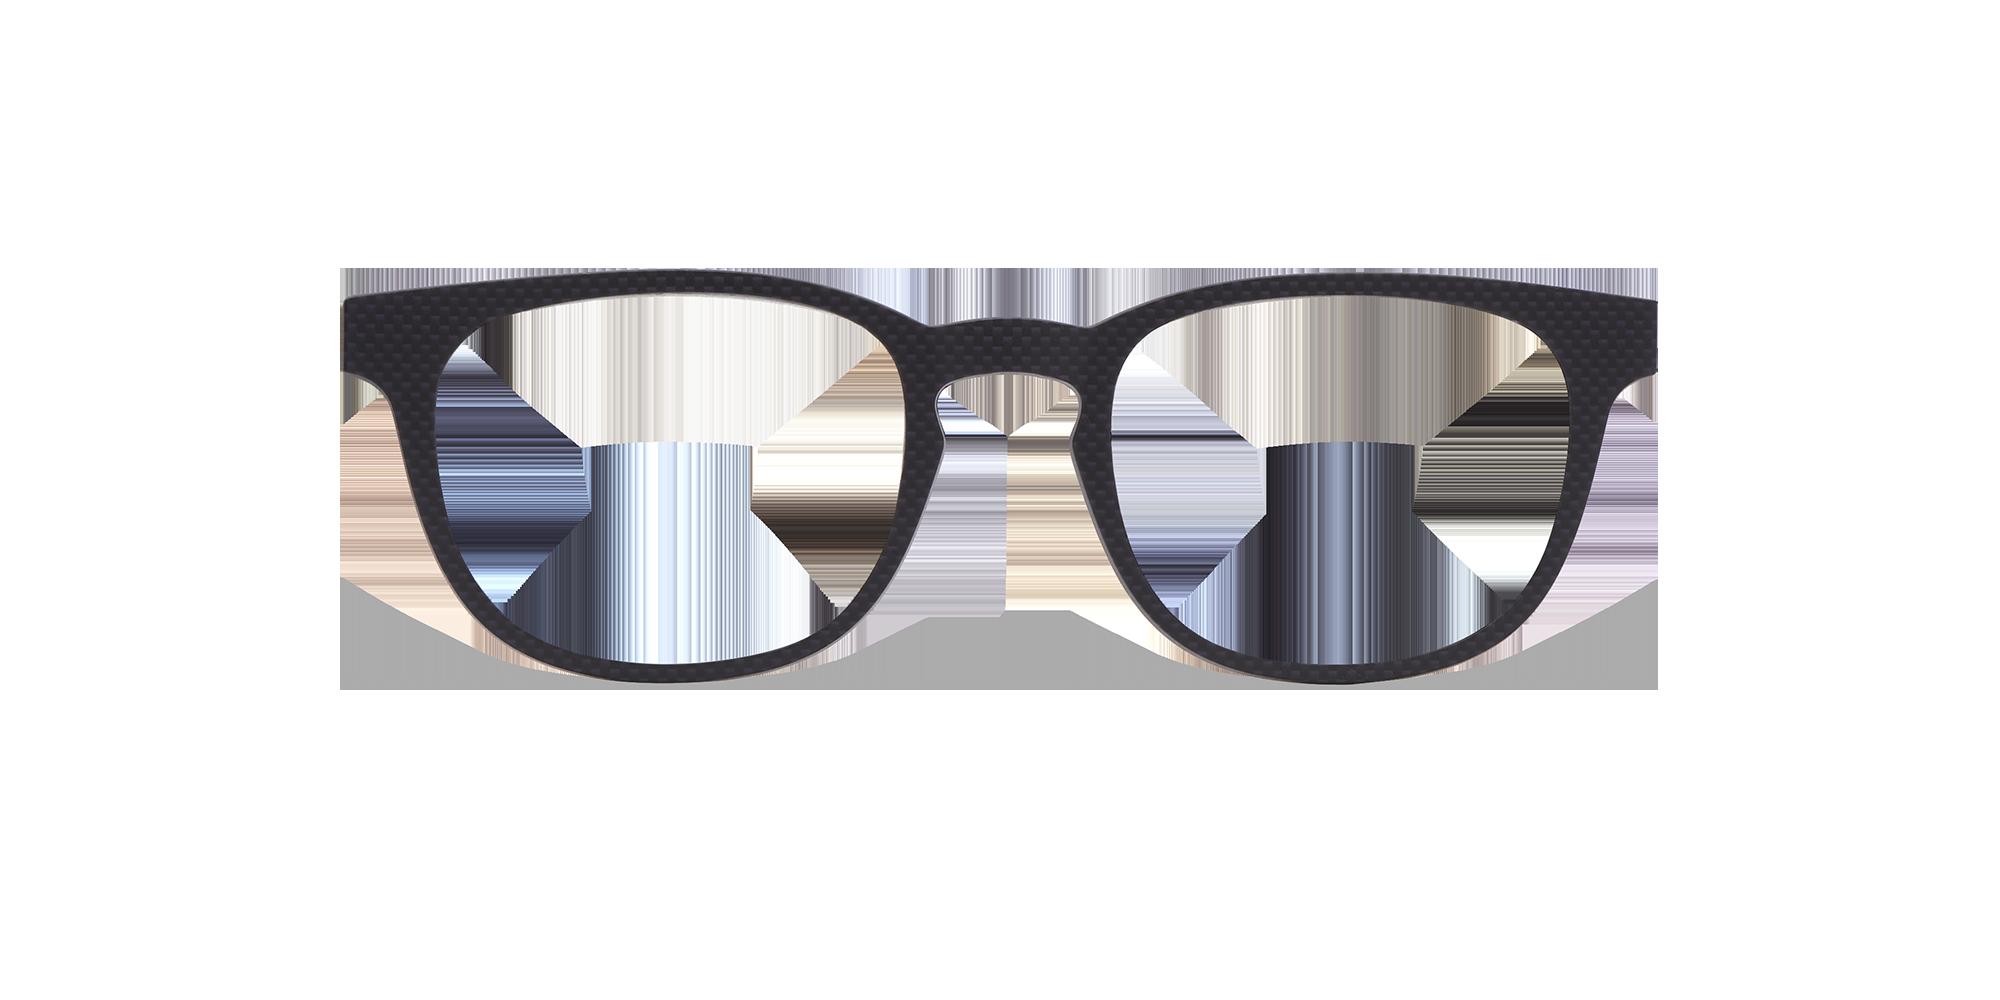 afflelou/france/products/smart_clip/clips_glasses/TMK33NVBK015120.png